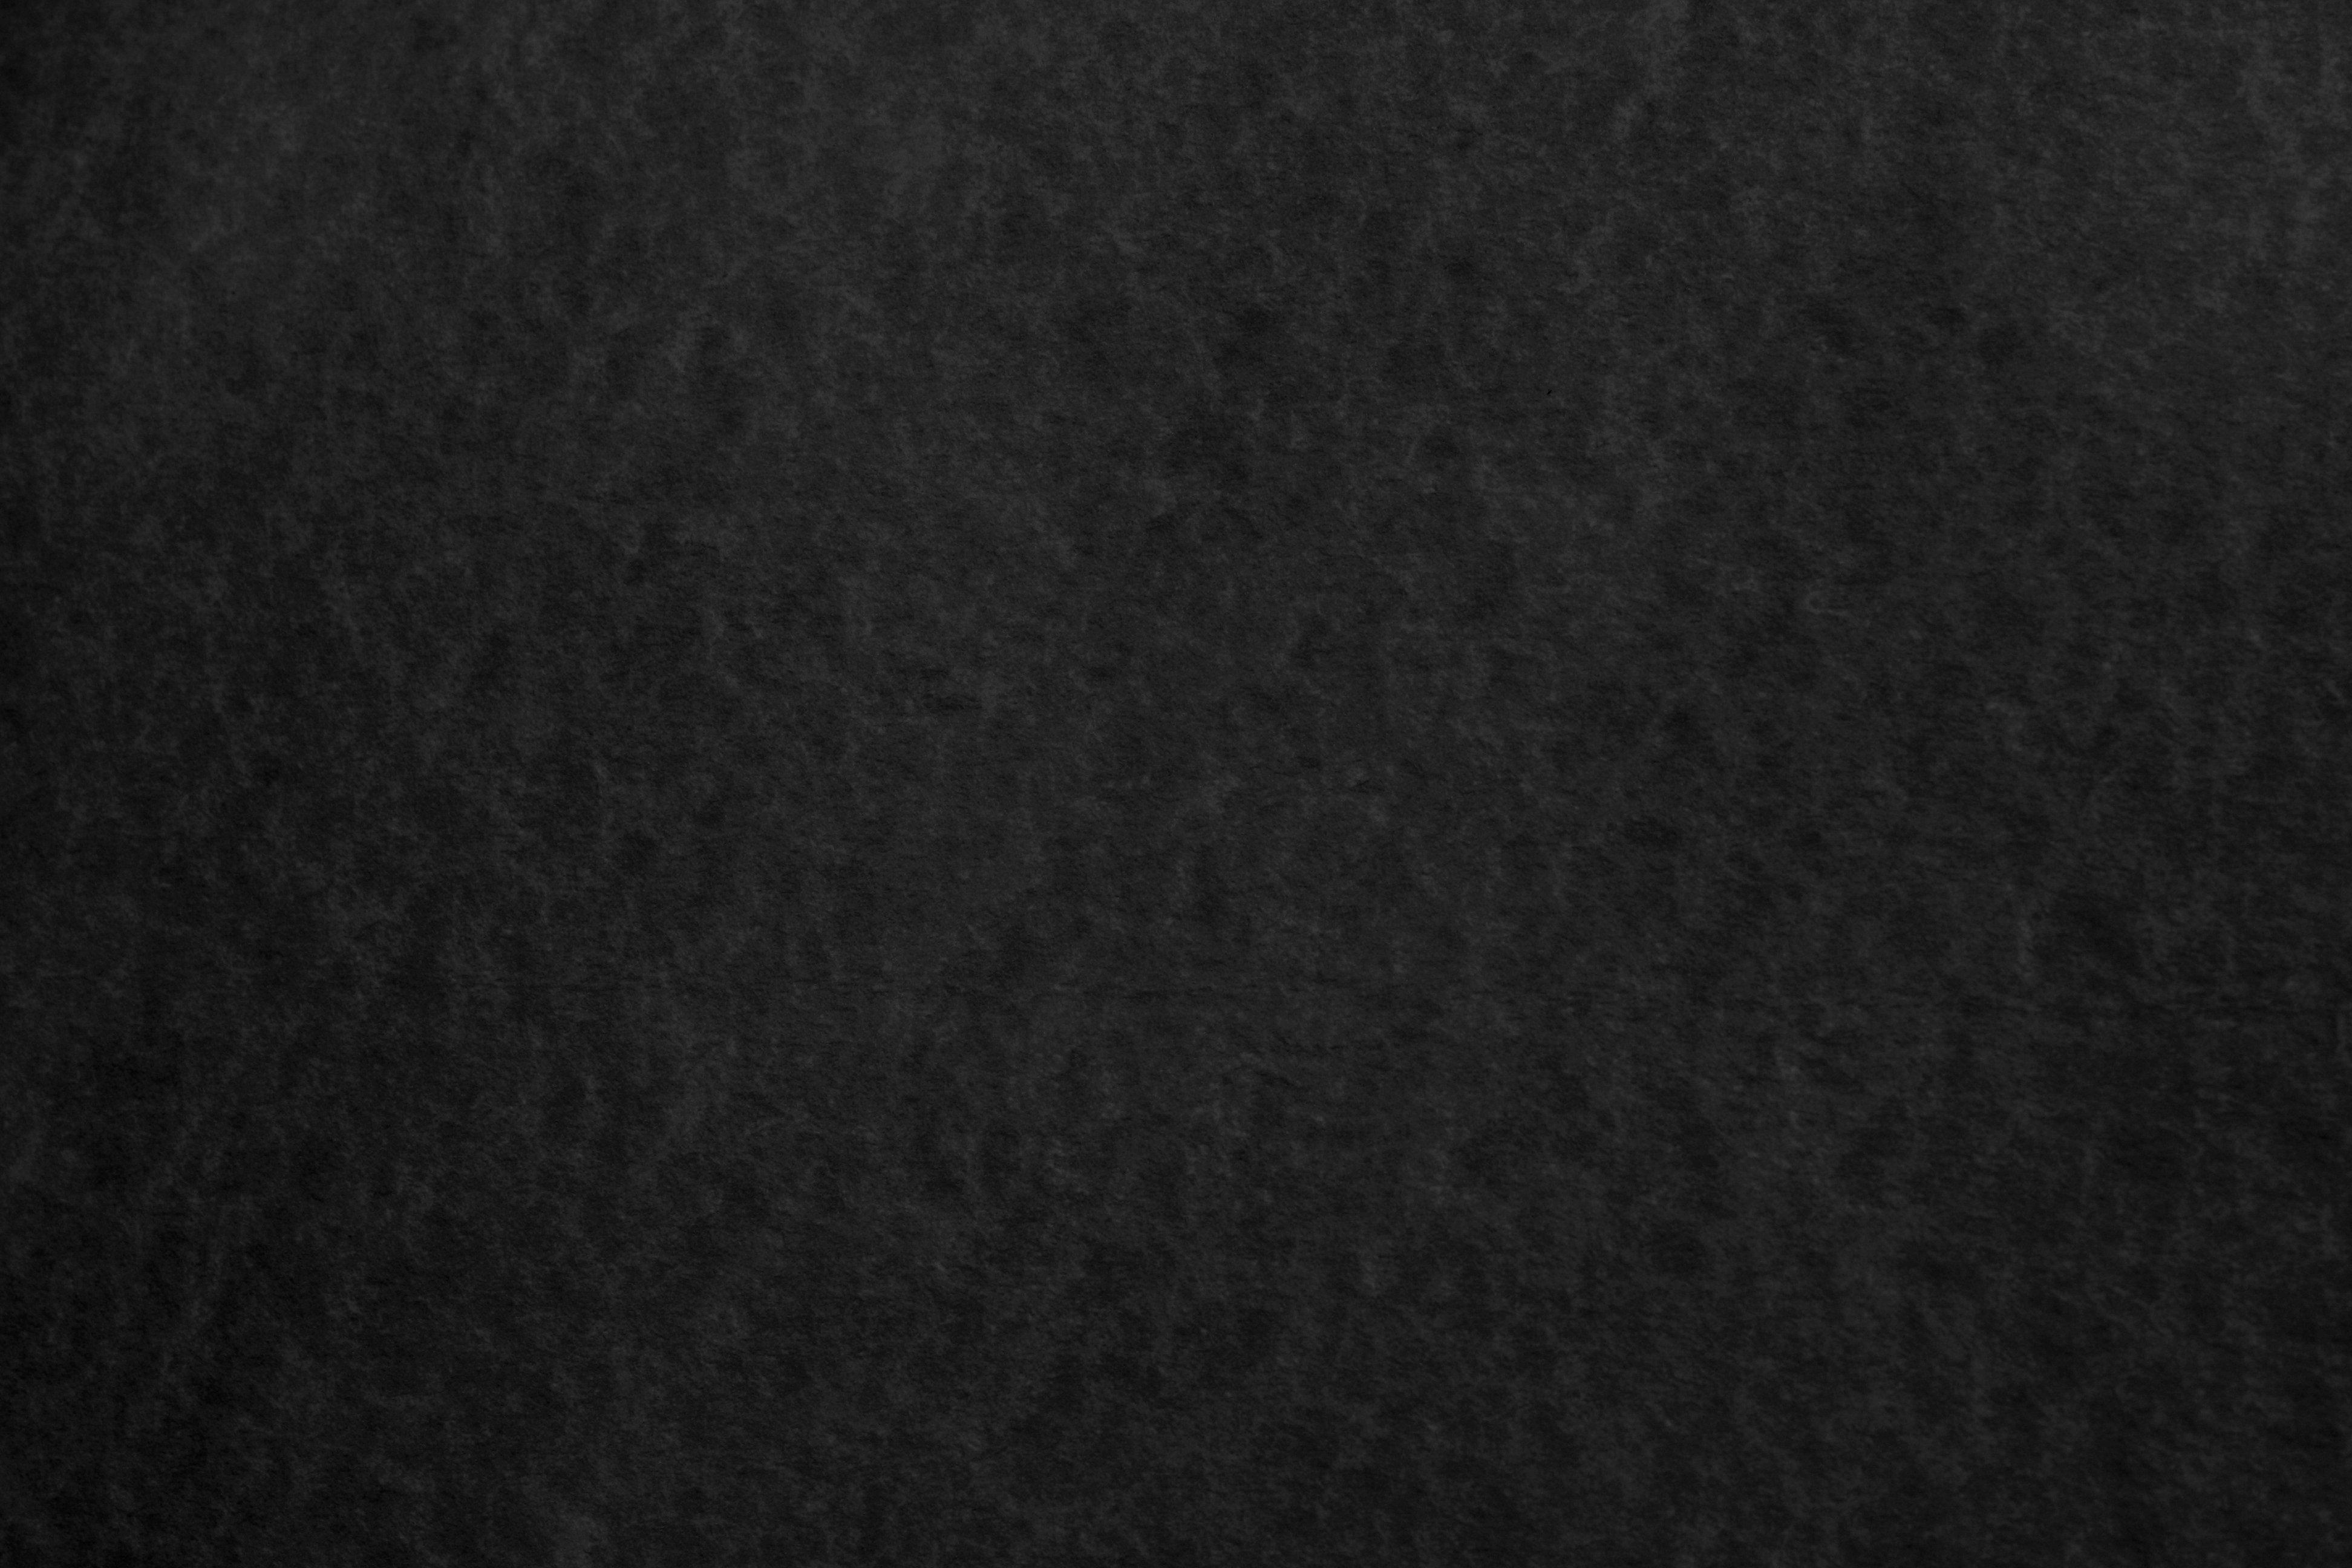 Black Texture Wallpaper On Parchment Paper Picture Free Photograph Photos